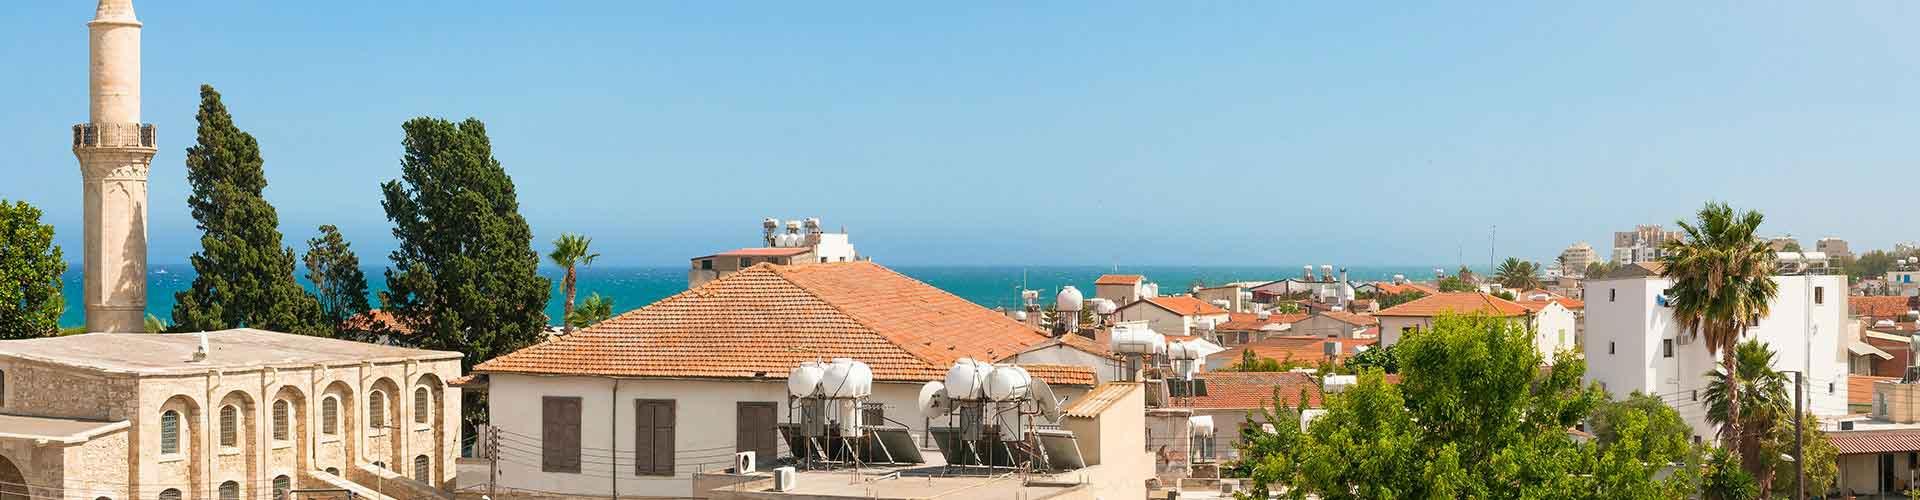 Larnaca - Appartments à Larnaca. Cartes pour Larnaca, photos et commentaires pour chaque appartement à Larnaca.